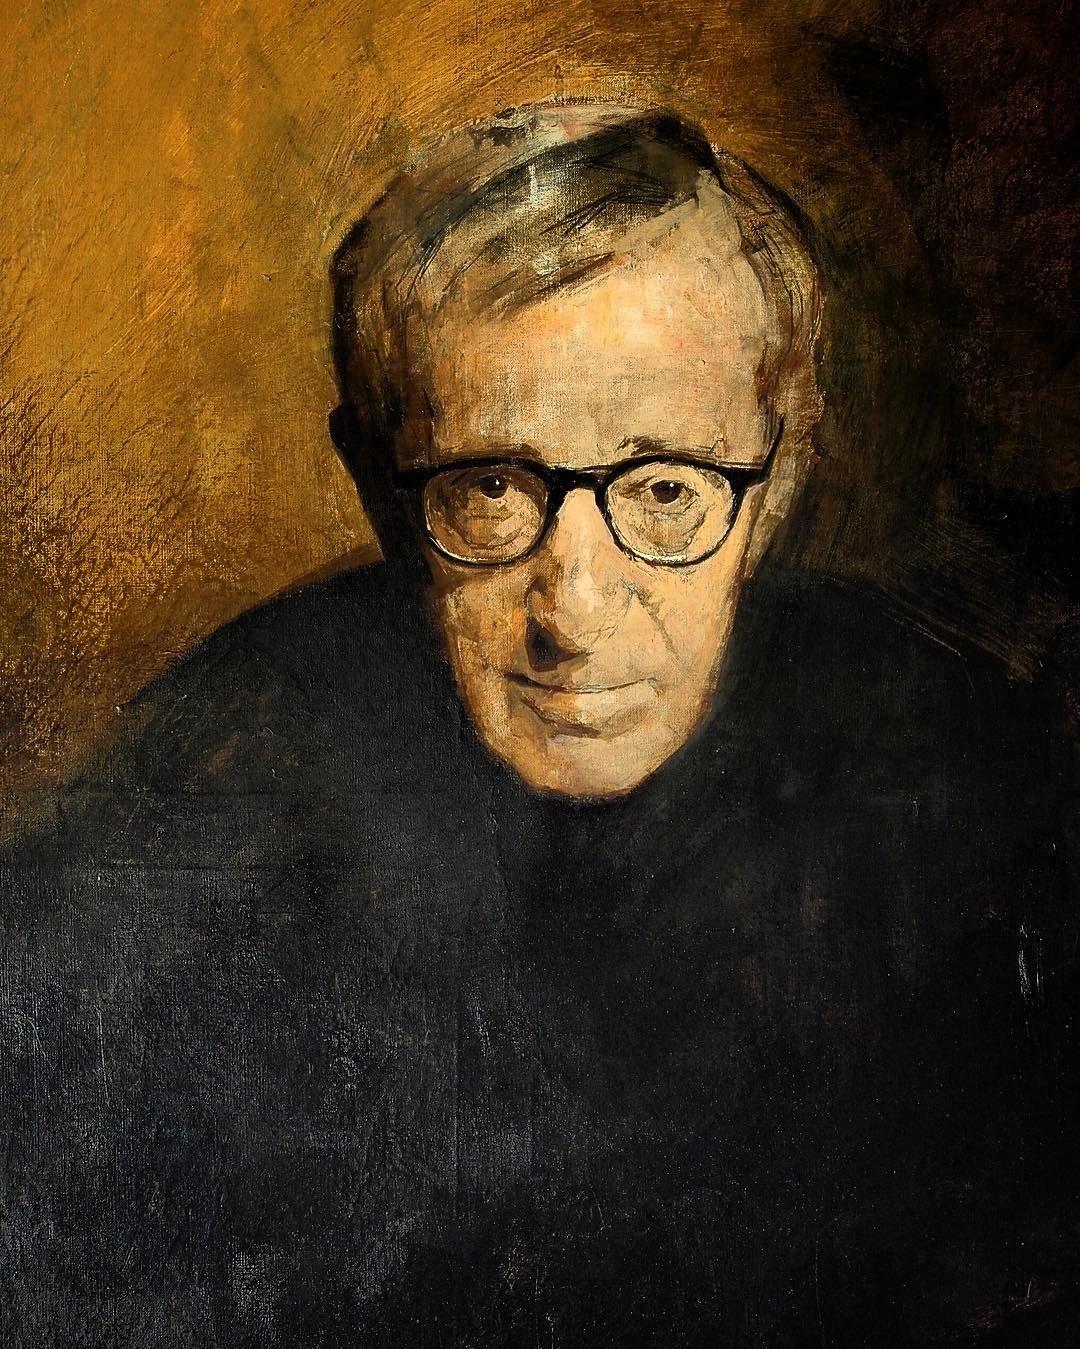 Woody Allen 130x89 oleo sobre lienzo #woodyallen #art #arte ...